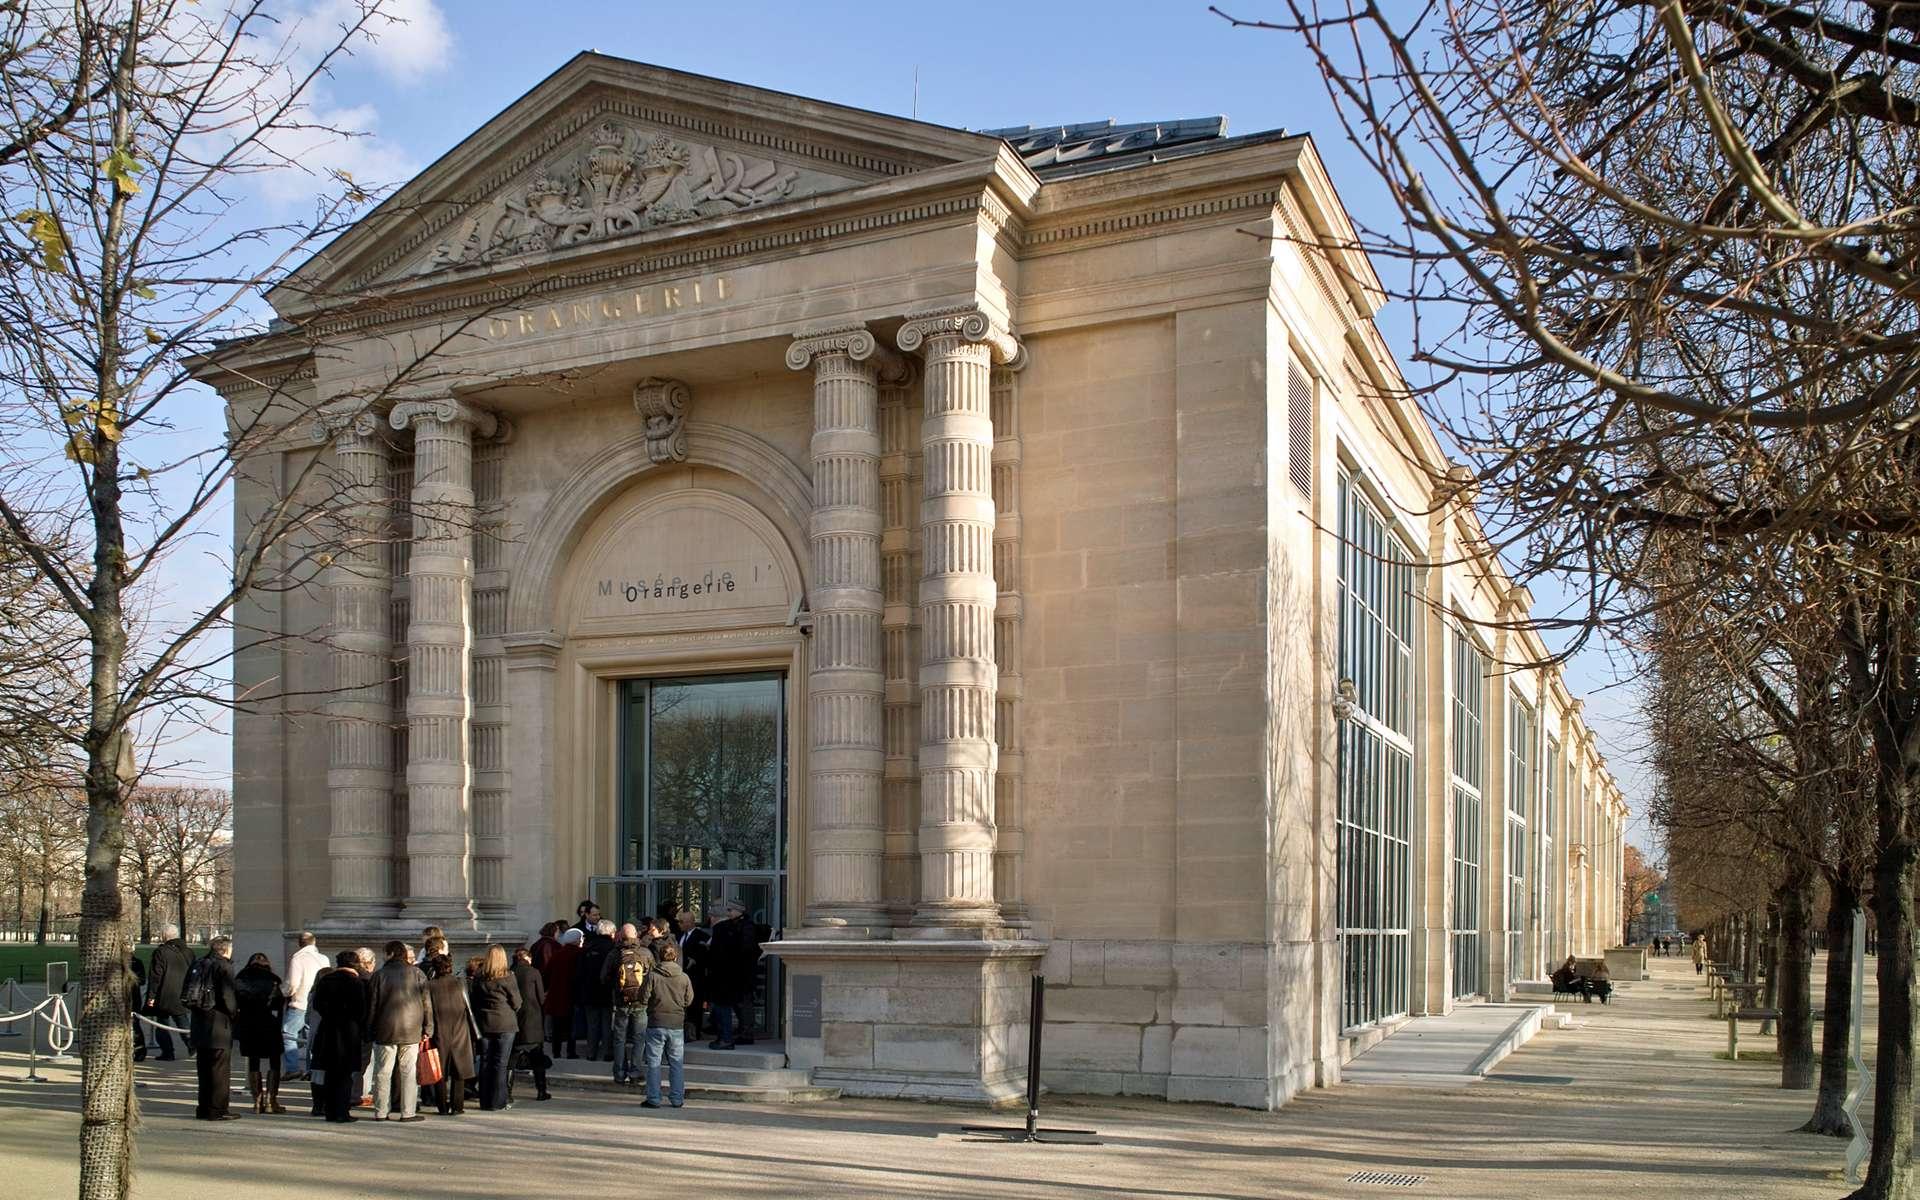 L'entrée du musée de l'Orangerie, à Paris. Le décor extérieur des deux portes est signé par l'architecte Visconti. Les deux colonnes sont surmontées d'un fronton triangulaire sculpté par Charles-Gallois Poignant. © Traktorminze CC by-sa 3.0